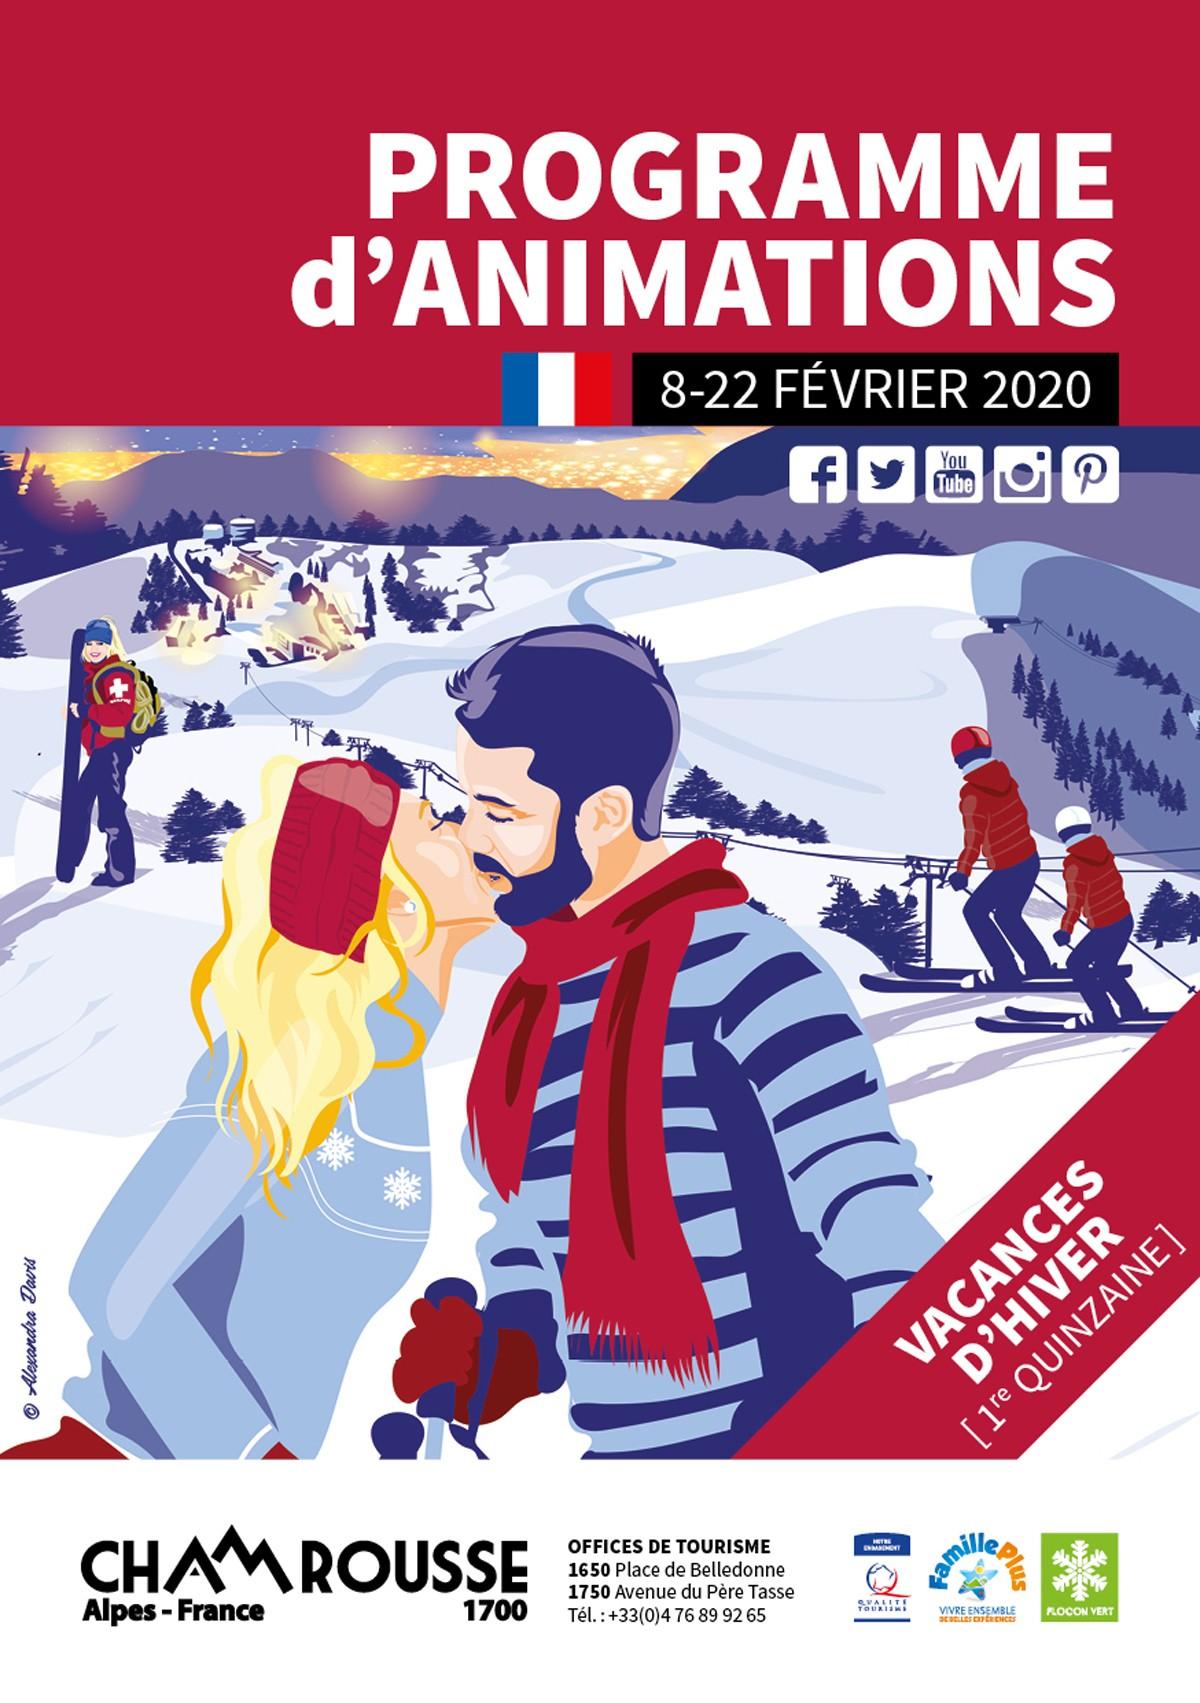 Chamrousse programme animations hiver février 2020 station ski isère alpes france